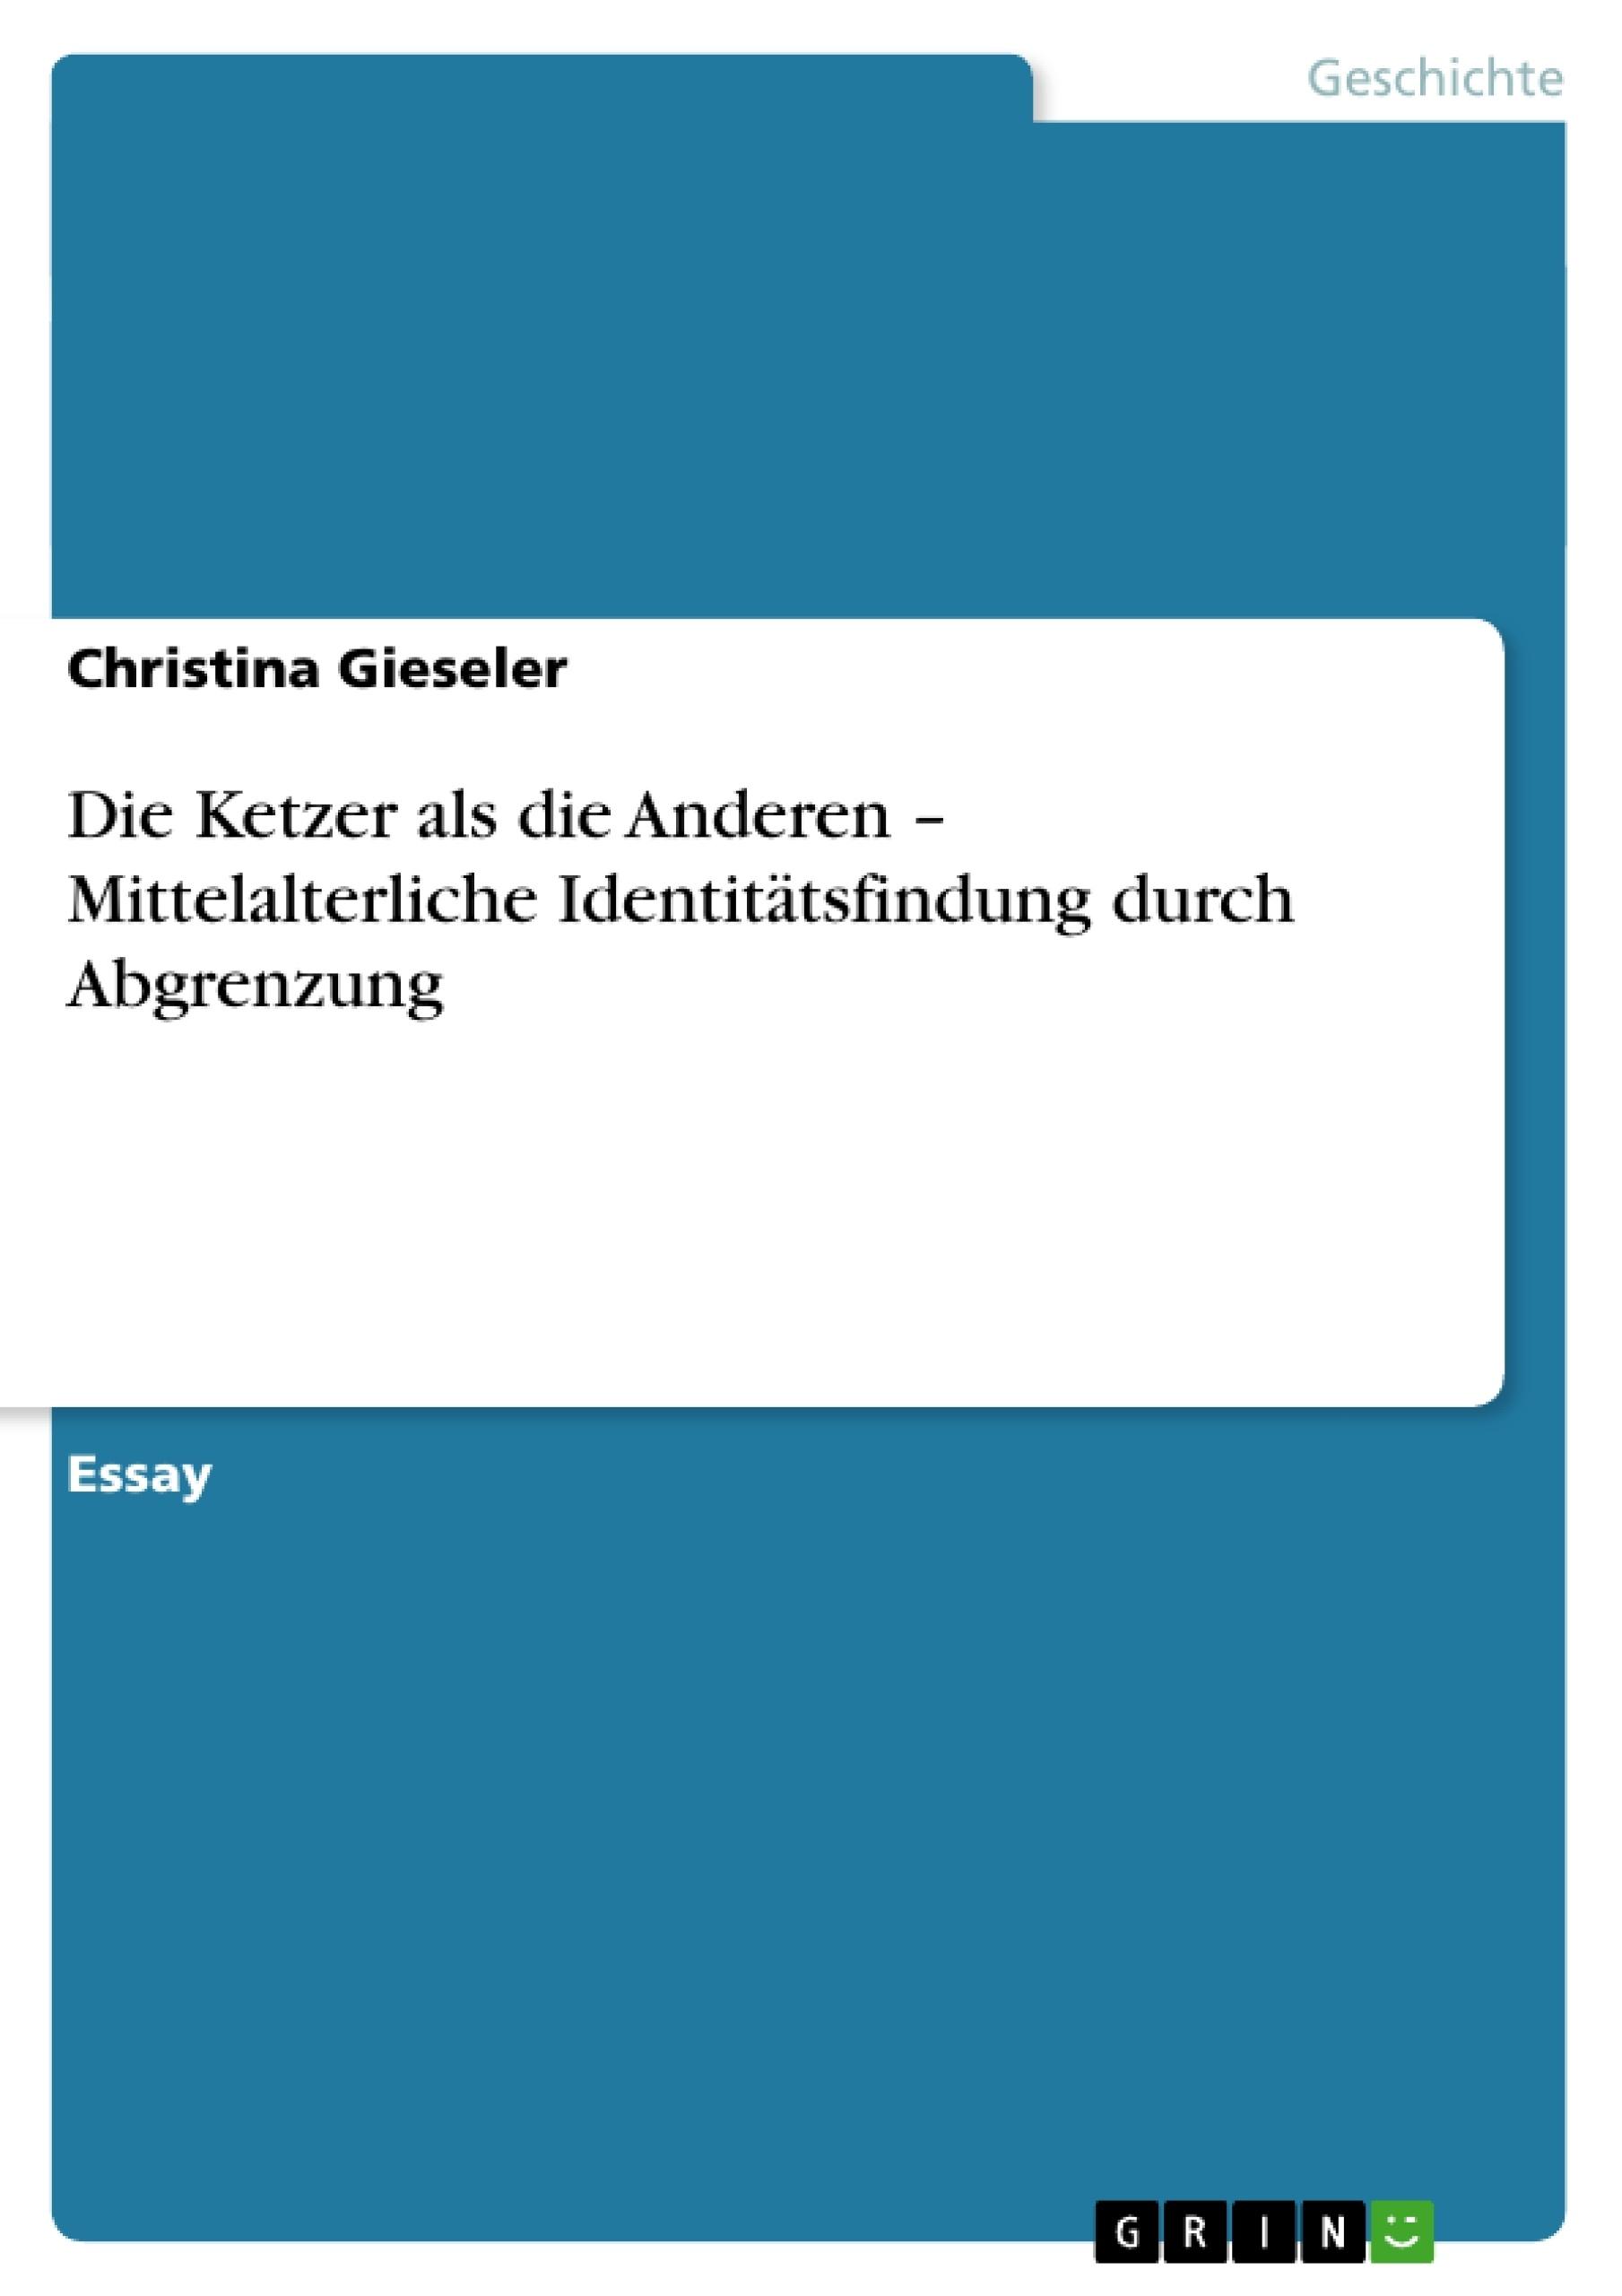 Titel: Die Ketzer als die Anderen – Mittelalterliche Identitätsfindung durch Abgrenzung